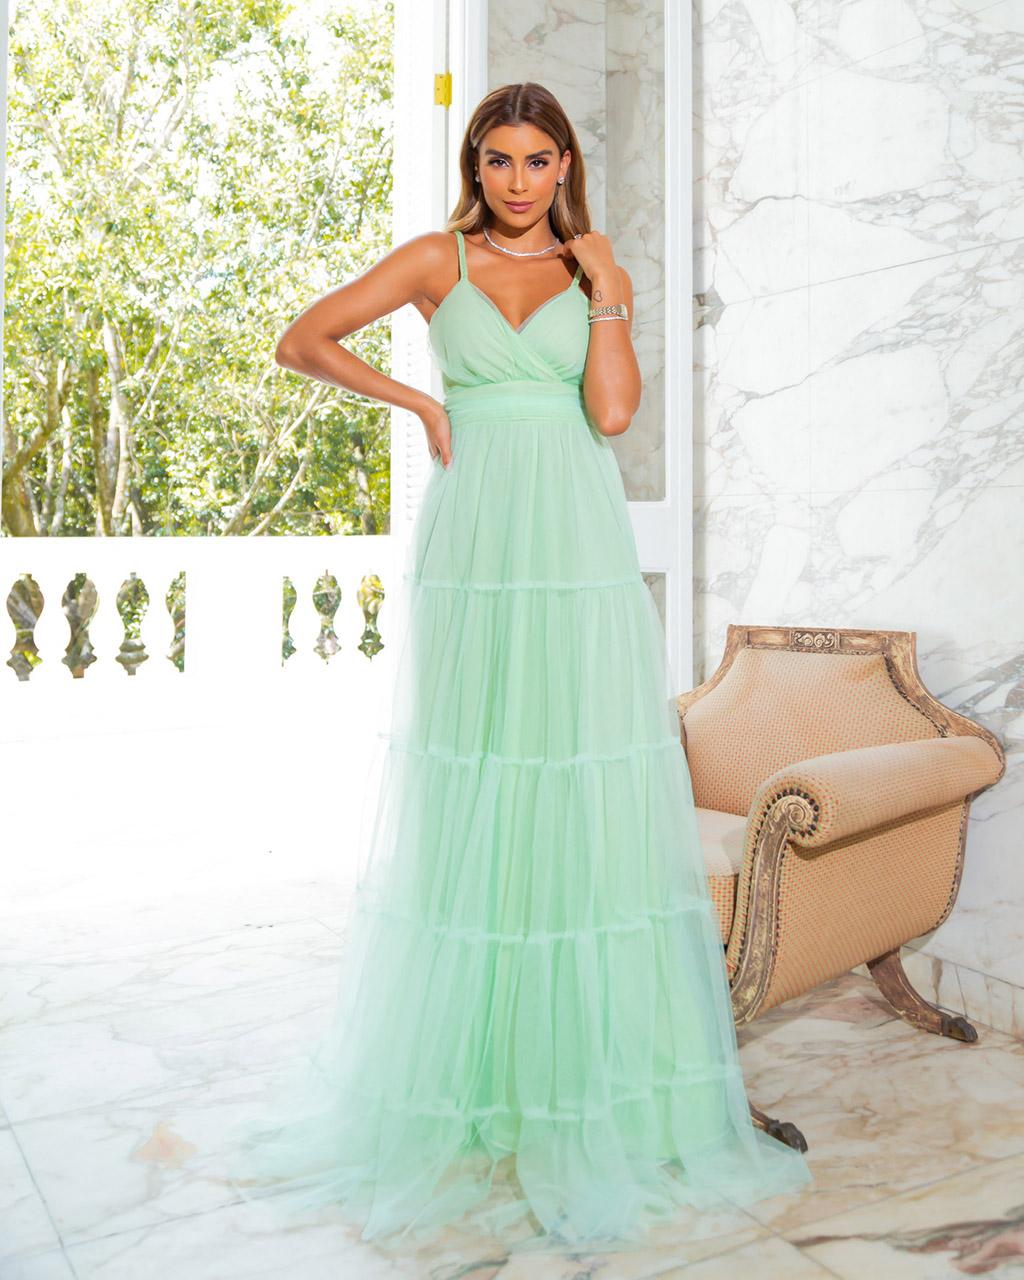 Vestido Belle  - Empório NM